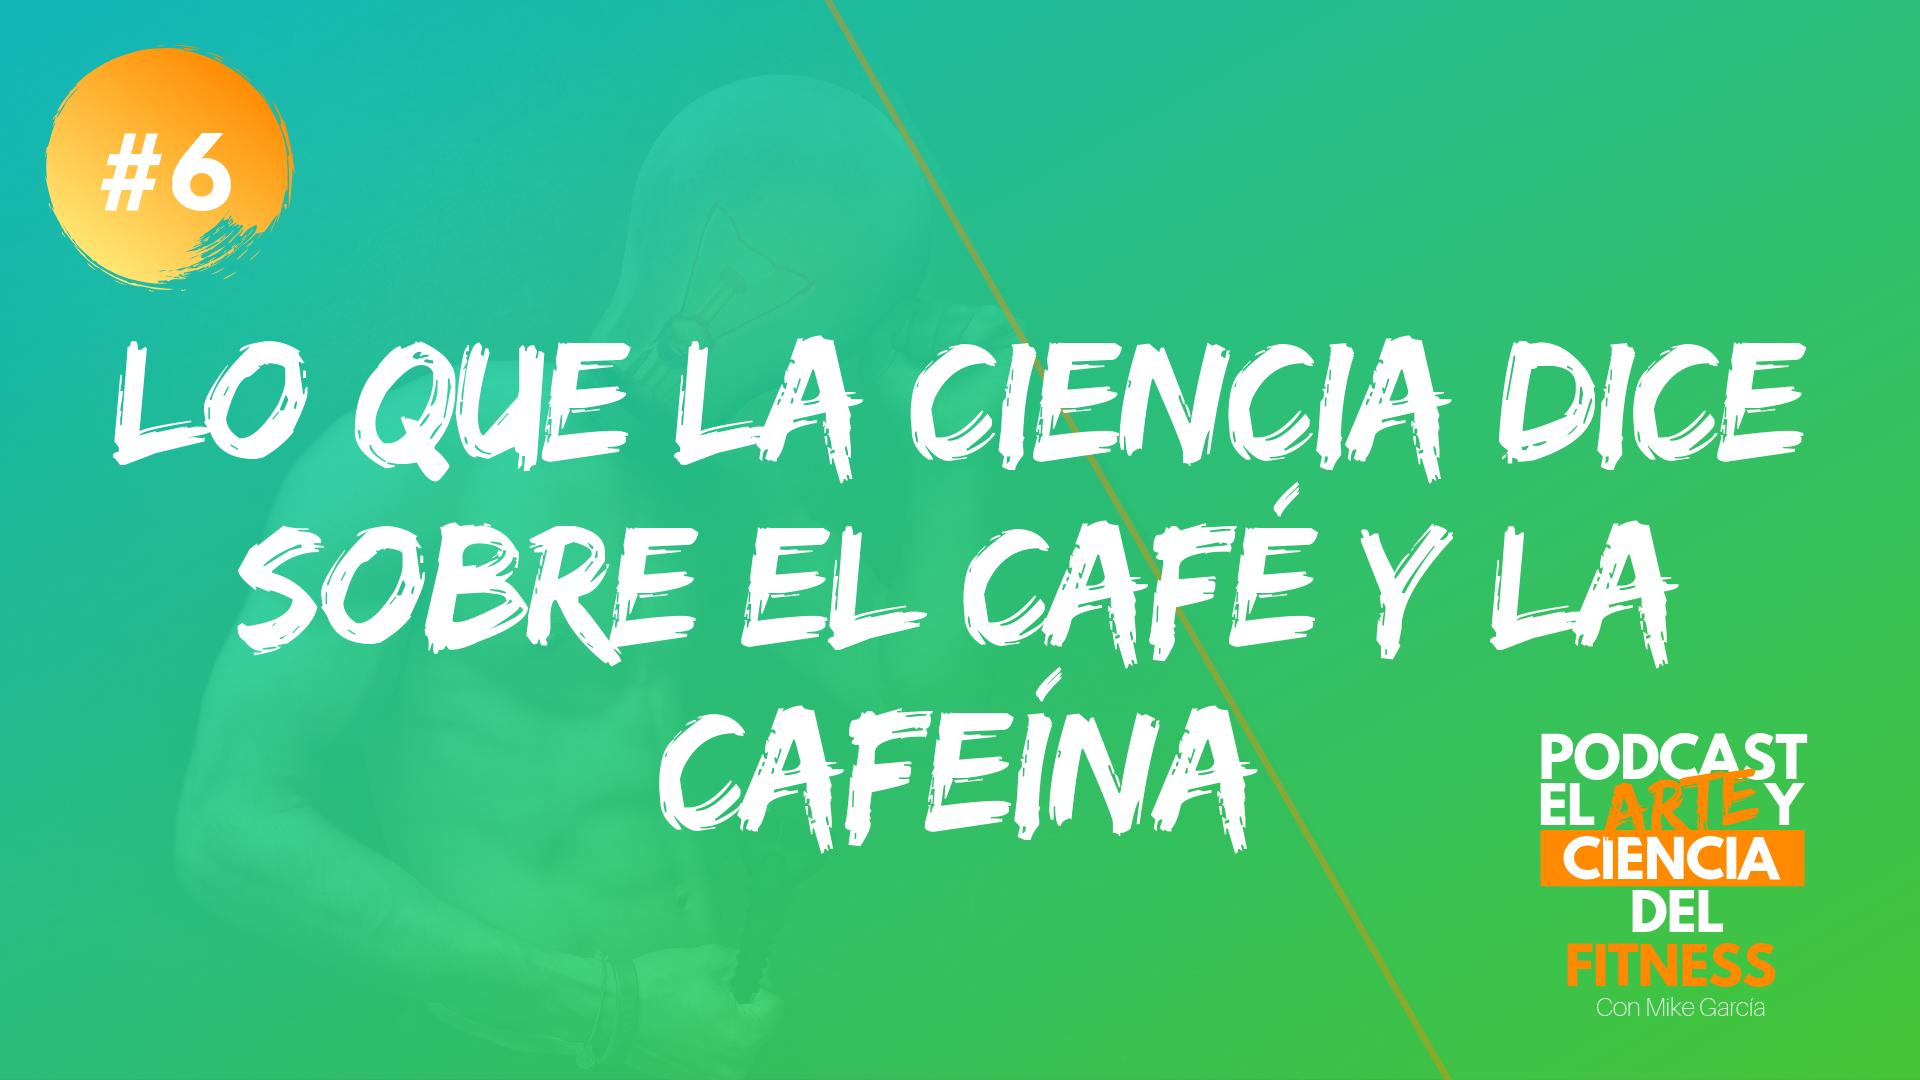 Podcast #6: Lo Que La Ciencia Dice Sobre El Café y La Cafeína